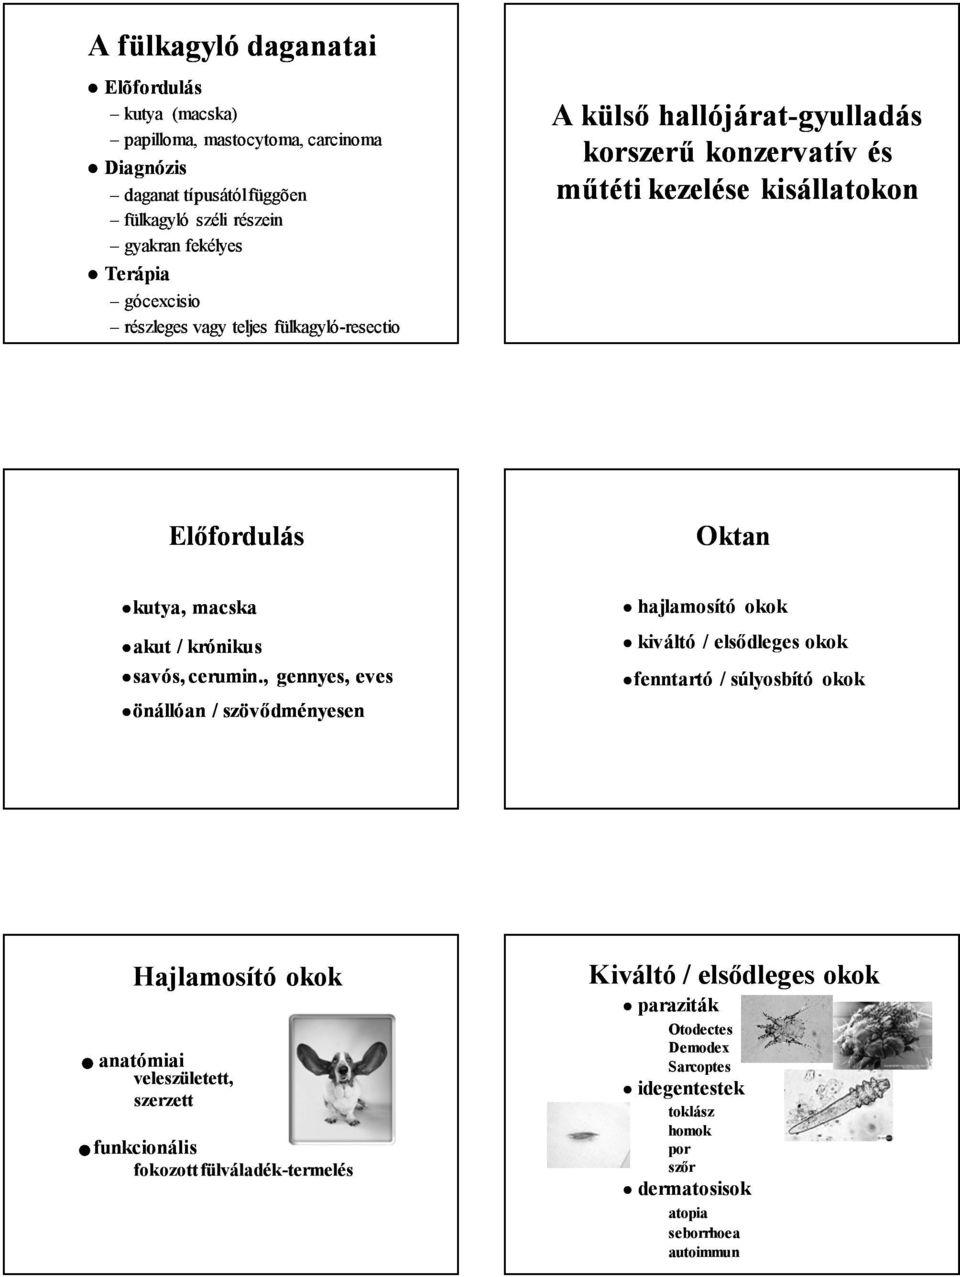 Az emberi test parazita tünetei és a papilloma kezelése   PapiSTOP